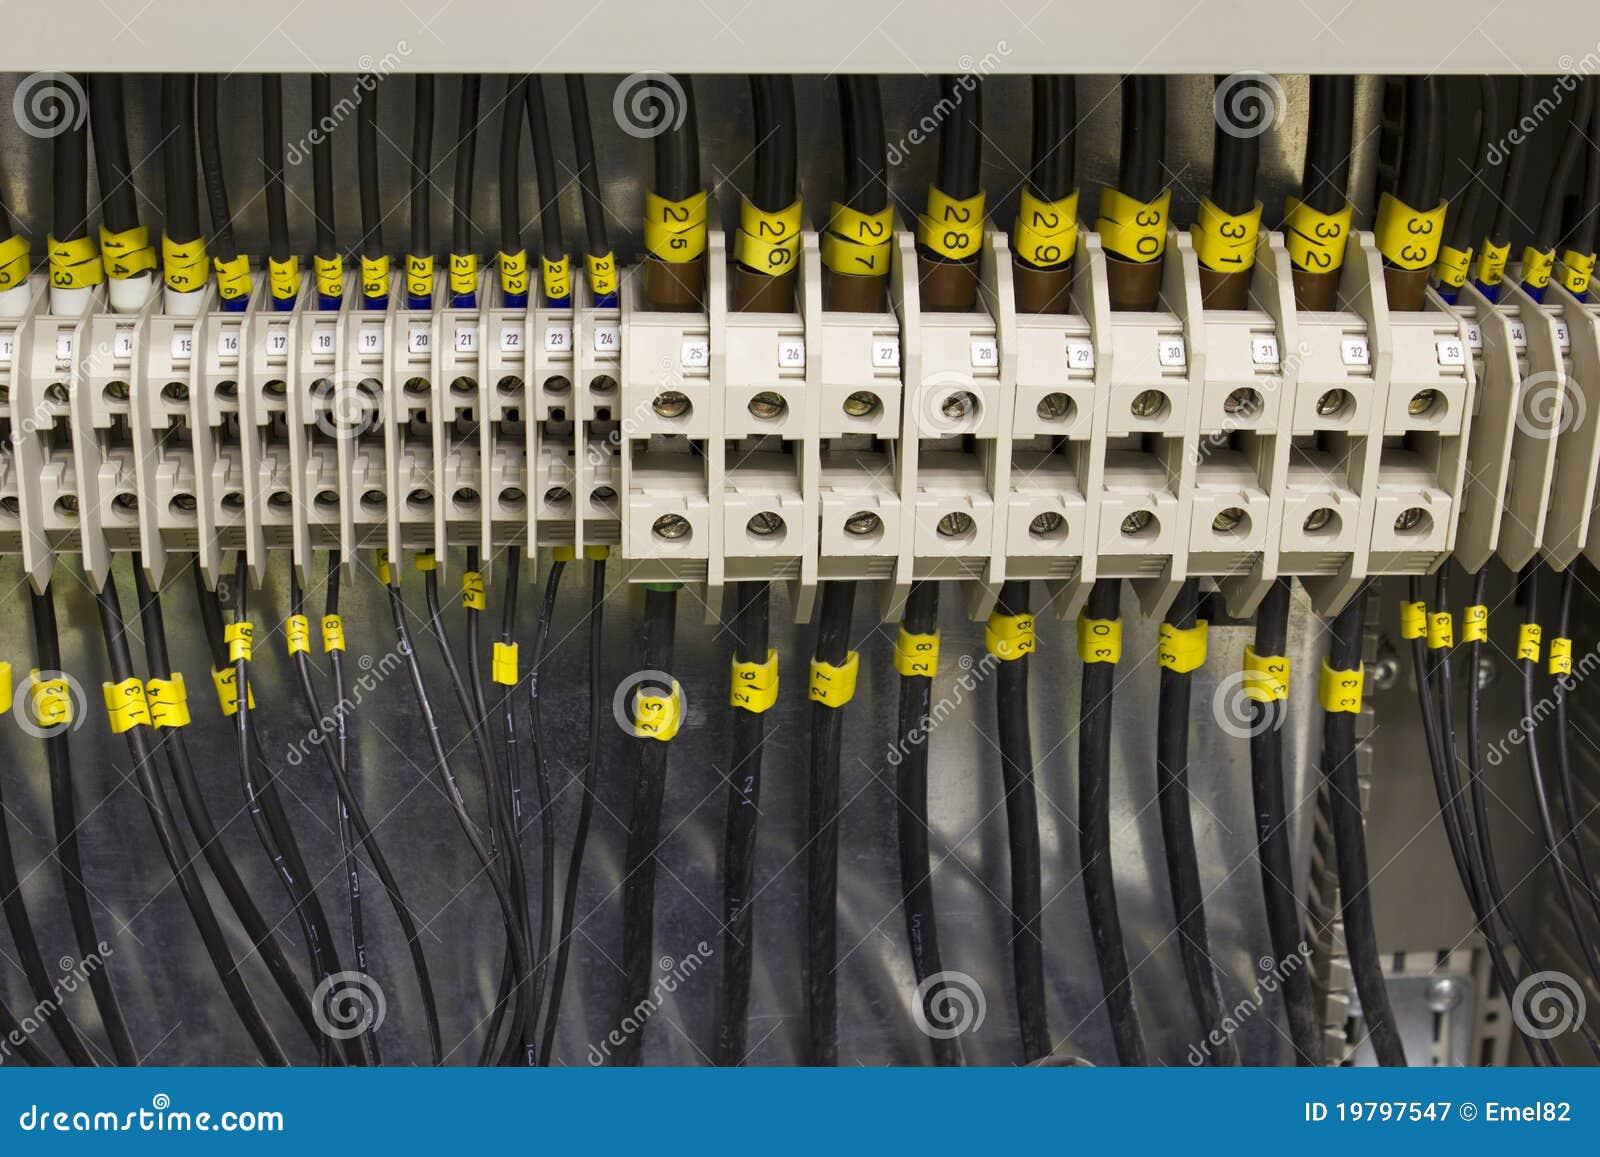 Cableado y terminales eléctricos.